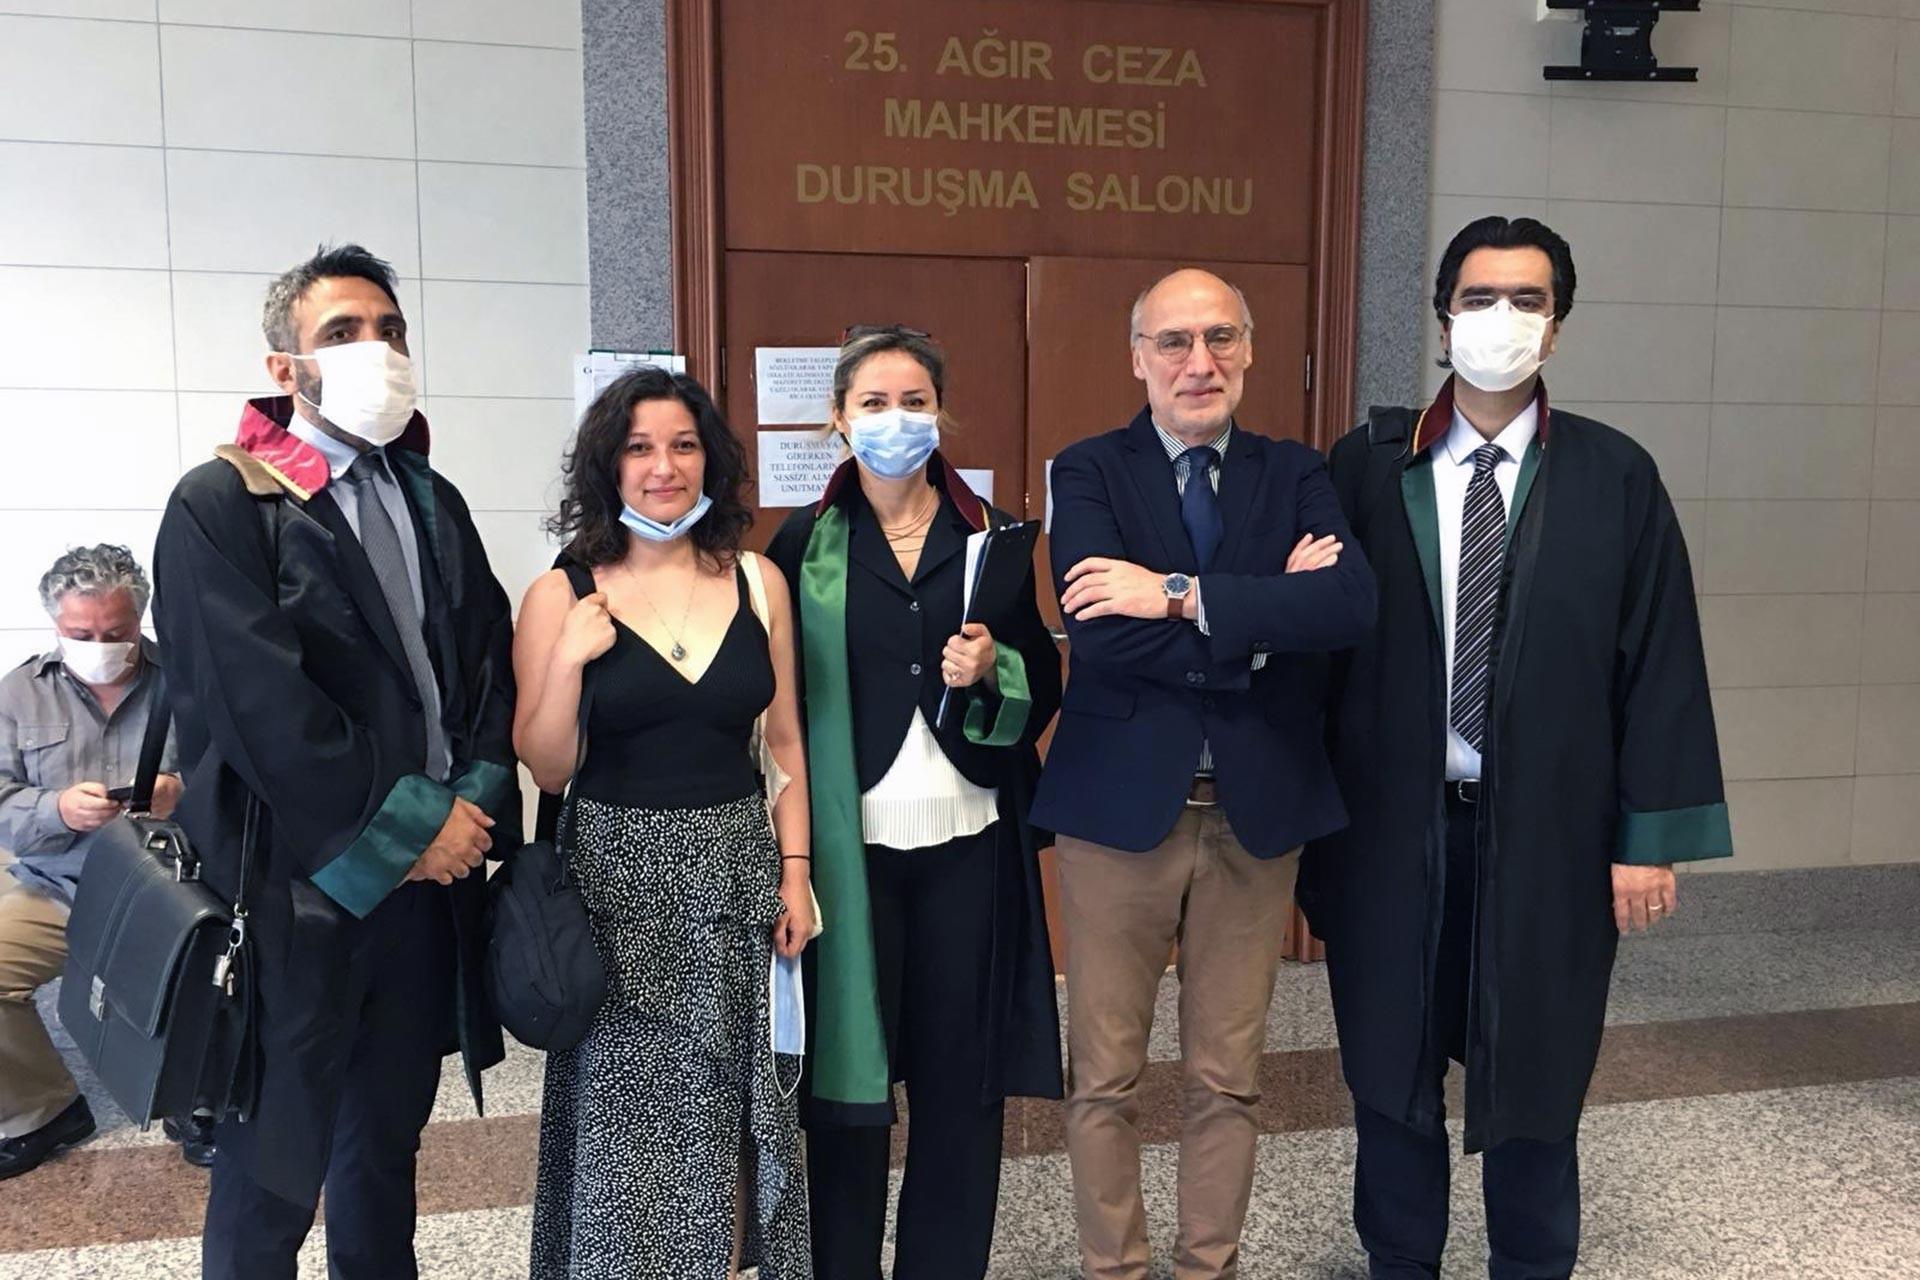 Doğan Akın ve avukatları duruşma salonu önünde